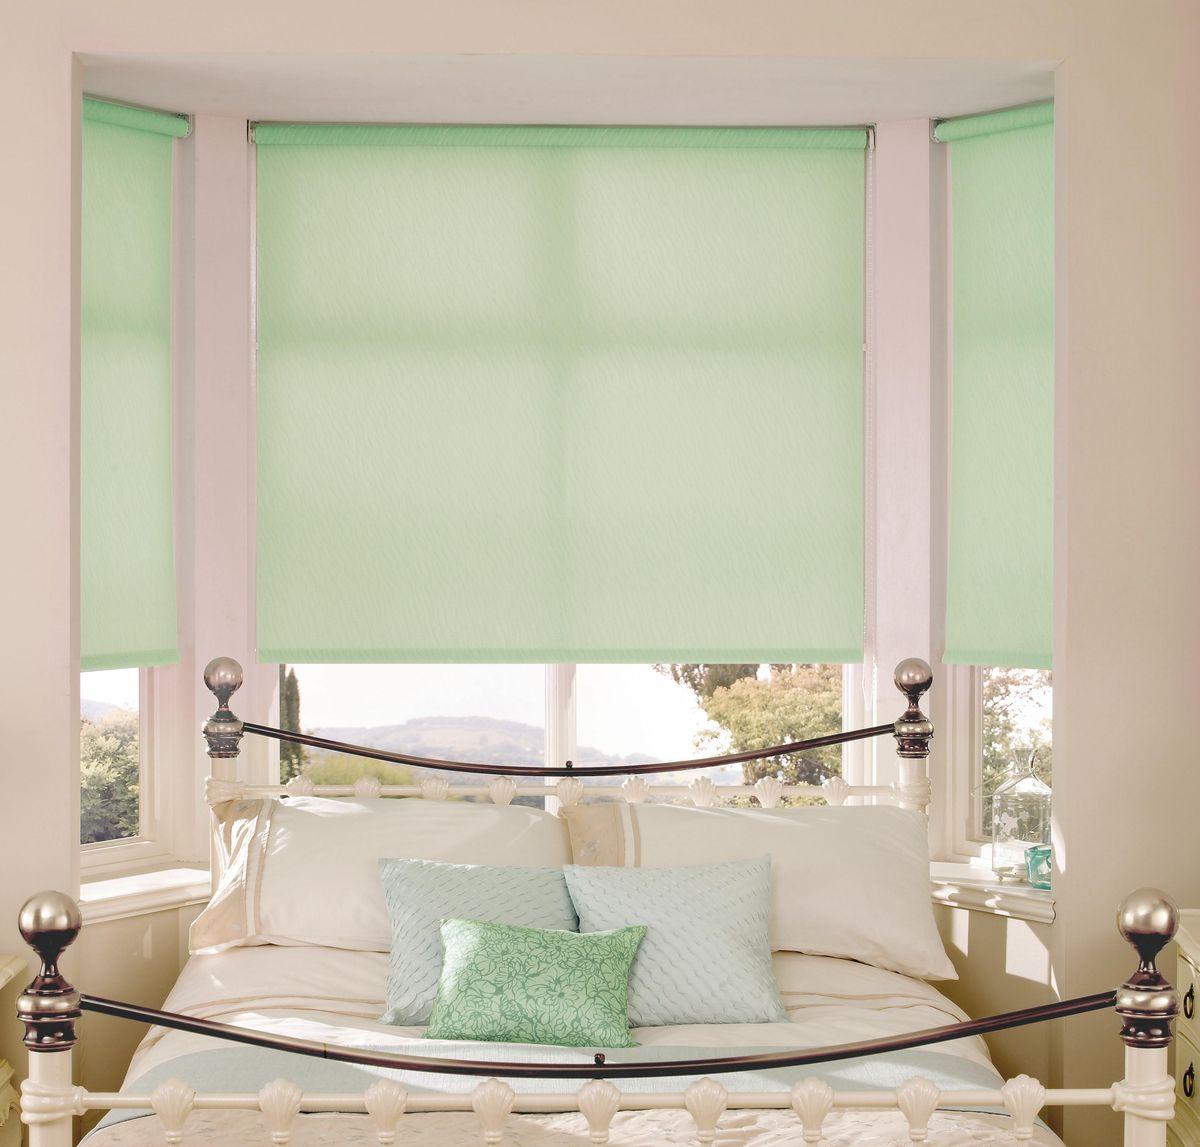 Штора рулонная Эскар, цвет: светло-зеленый, ширина 140 см, высота 170 см81017140170Рулонными шторами можно оформлять окна как самостоятельно, так и использовать в комбинации с портьерами. Это поможет предотвратить выгорание дорогой ткани на солнце и соединит функционал рулонных с красотой навесных.Преимущества применения рулонных штор для пластиковых окон:- имеют прекрасный внешний вид: многообразие и фактурность материала изделия отлично смотрятся в любом интерьере; - многофункциональны: есть возможность подобрать шторы способные эффективно защитить комнату от солнца, при этом о на не будет слишком темной. - Есть возможность осуществить быстрый монтаж. ВНИМАНИЕ! Размеры ширины изделия указаны по ширине ткани!Во время эксплуатации не рекомендуется полностью разматывать рулон, чтобы не оторвать ткань от намоточного вала.В случае загрязнения поверхности ткани, чистку шторы проводят одним из способов, в зависимости от типа загрязнения: легкое поверхностное загрязнение можно удалить при помощи канцелярского ластика; чистка от пыли производится сухим методом при помощи пылесоса с мягкой щеткой-насадкой; для удаления пятна используйте мягкую губку с пенообразующим неагрессивным моющим средством или пятновыводитель на натуральной основе (нельзя применять растворители).